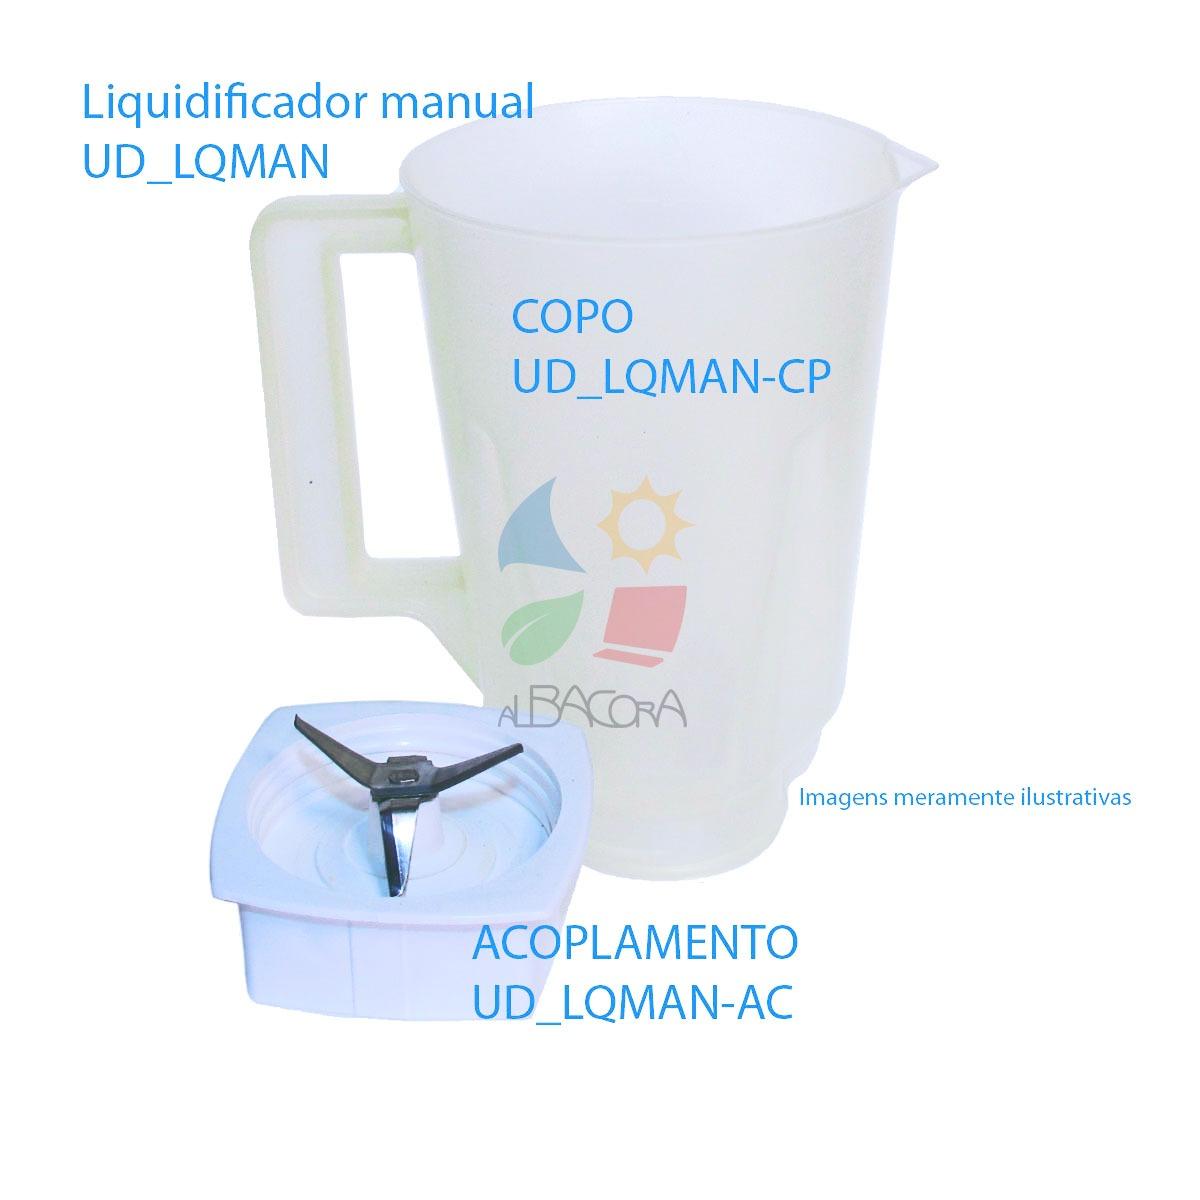 COPO PARA O LIQUIDIFICADOR MANUAL.